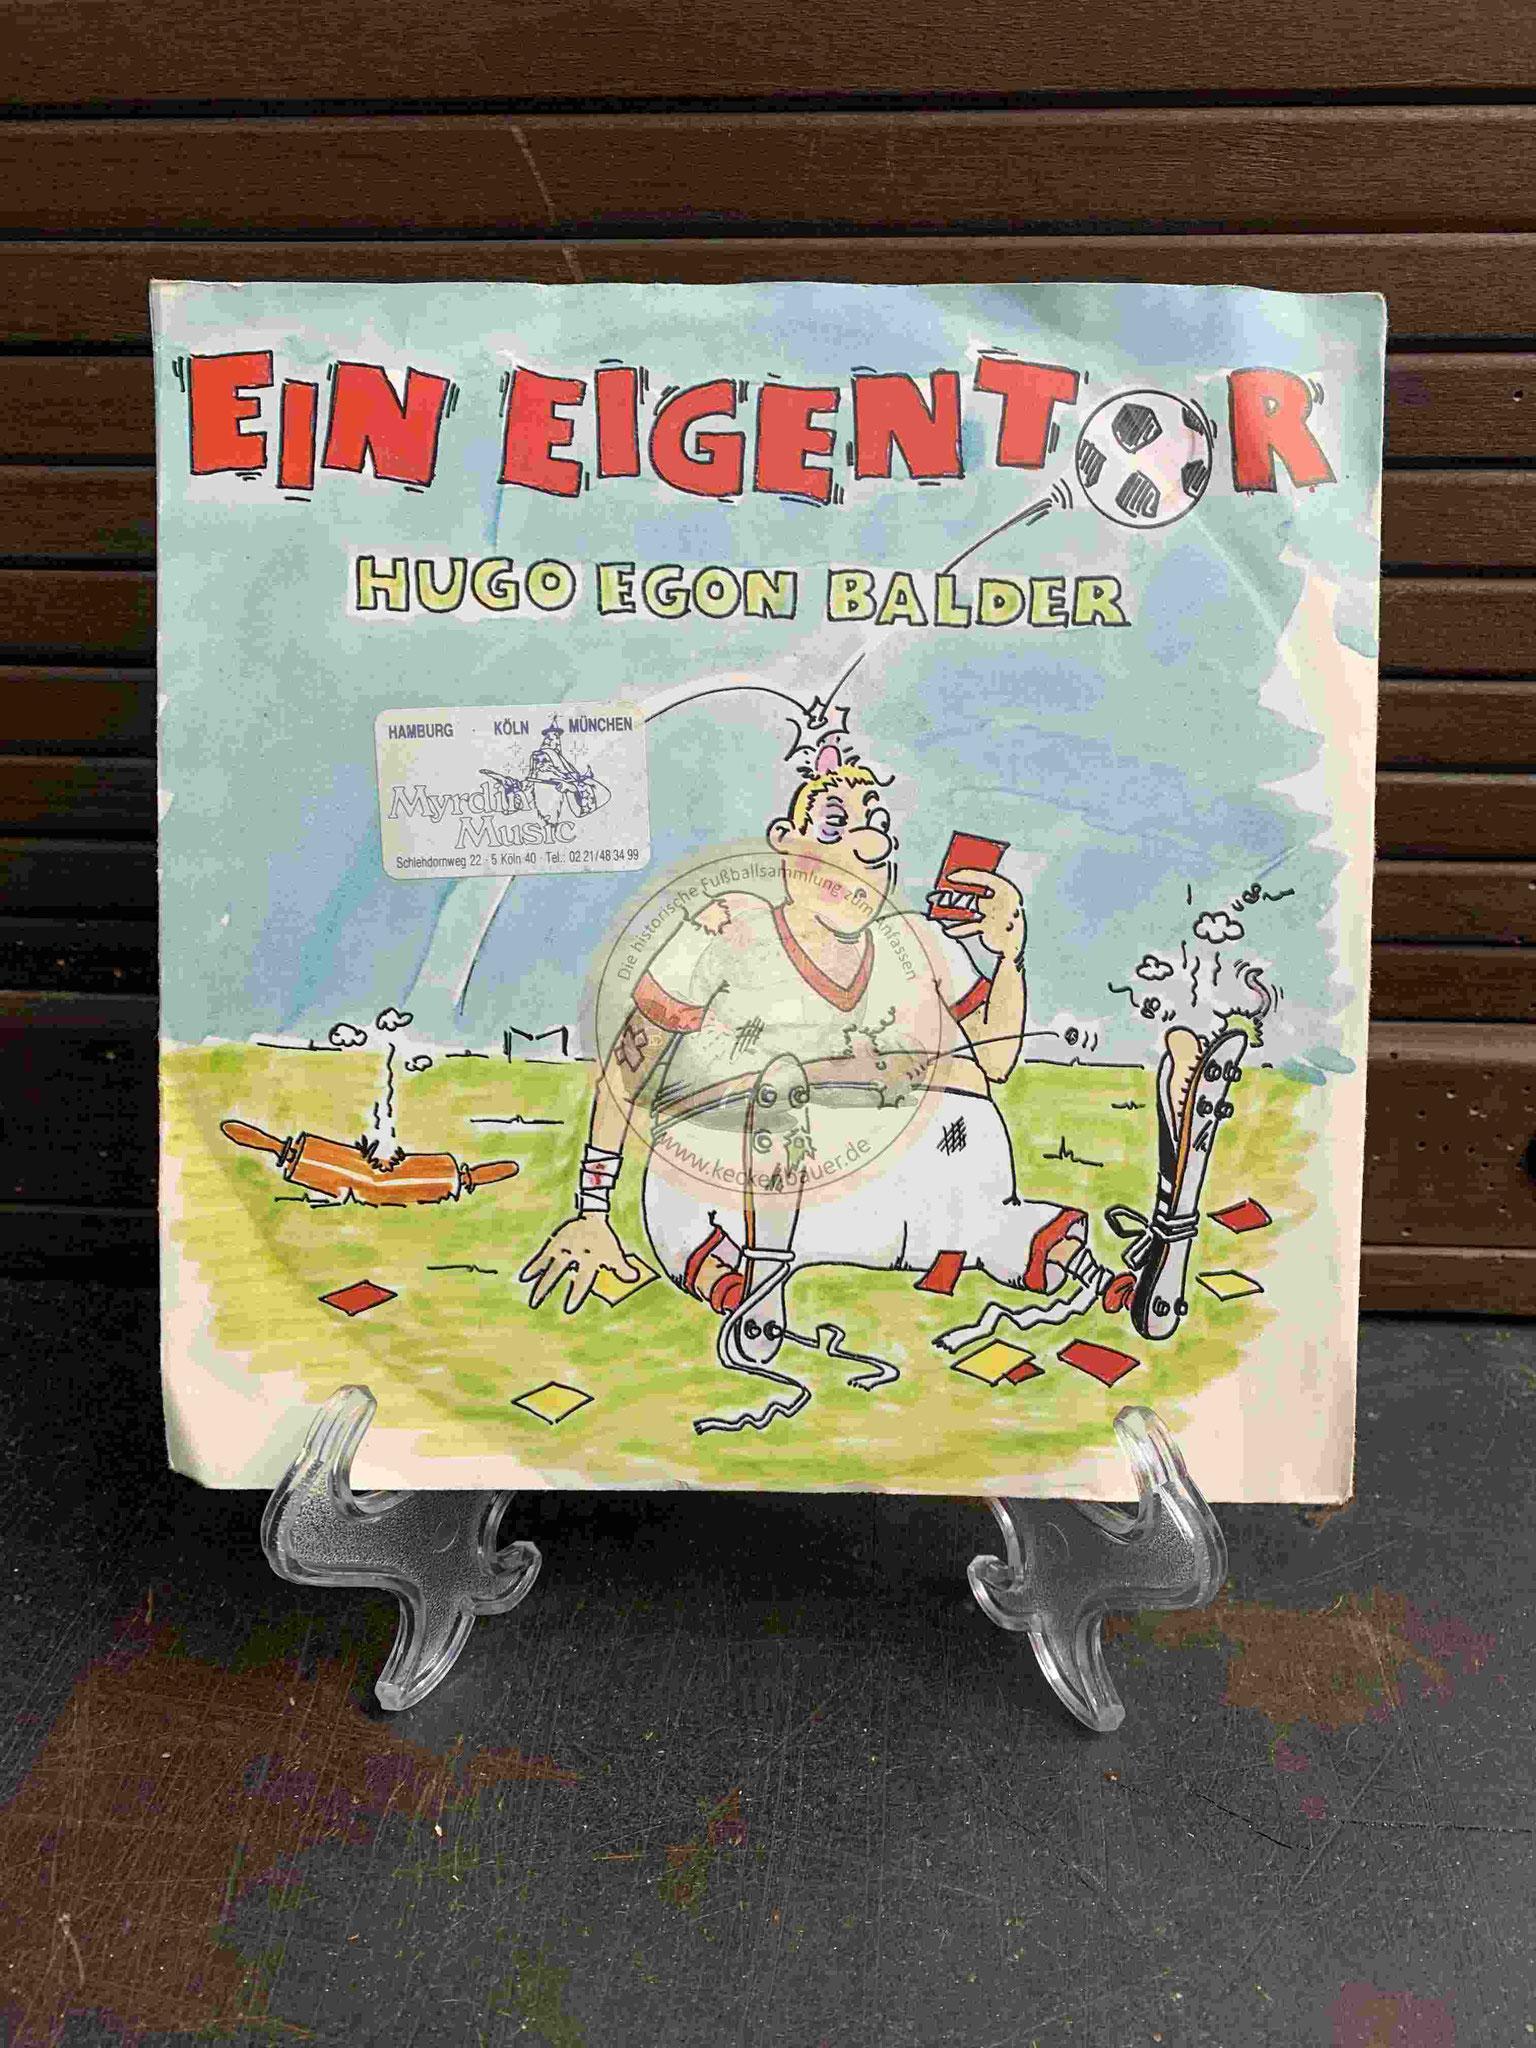 1986 Hugo Egon Balder Ein Eigentor